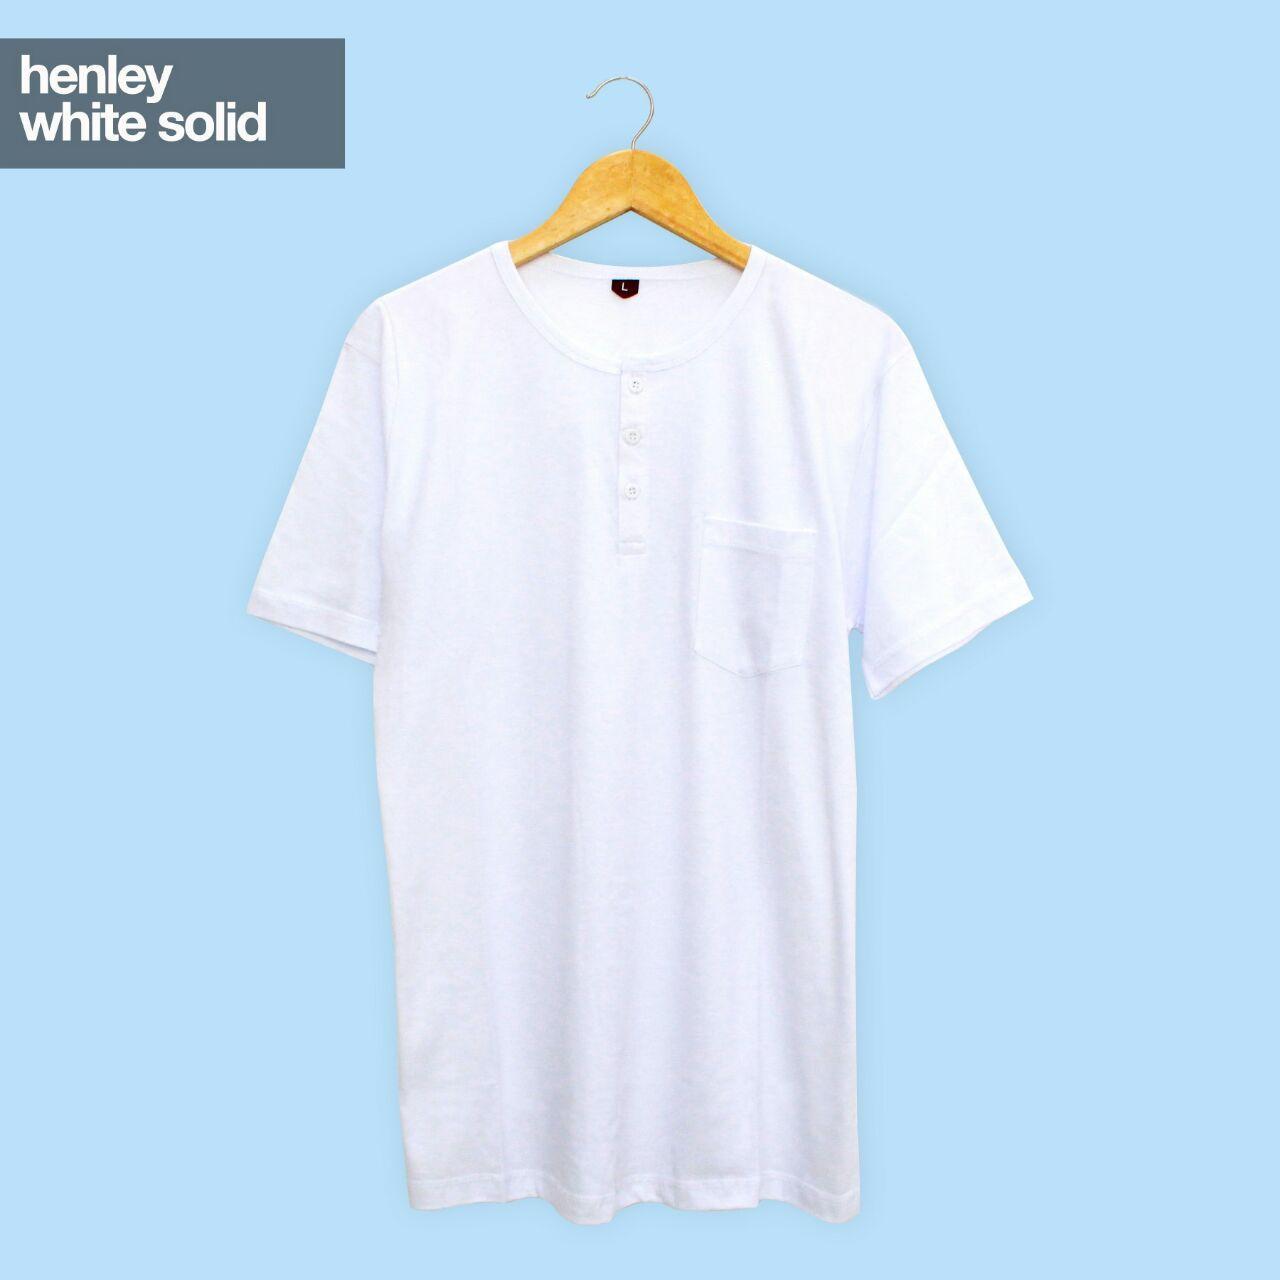 Cek Harga Baru Baju Kaos Polos Lengan Panjang White Solid Putih Maroon Triton Tangan Pendek Saku Kancing Henley